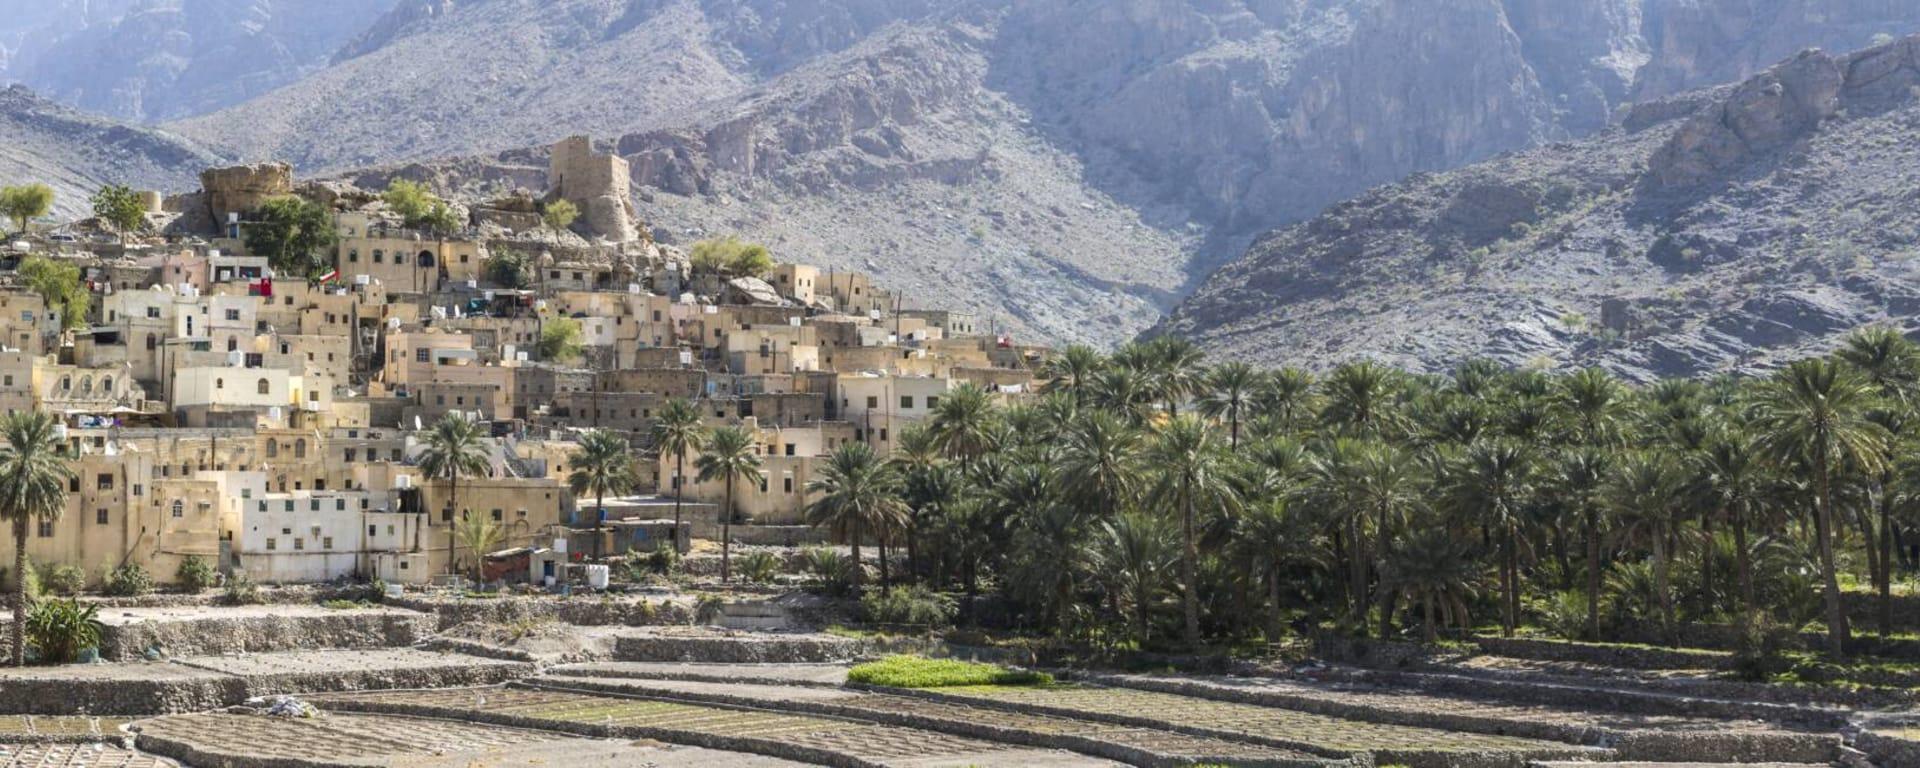 Oman entdecken mit Tischler Reisen: Oman Dorf Bald Sayt